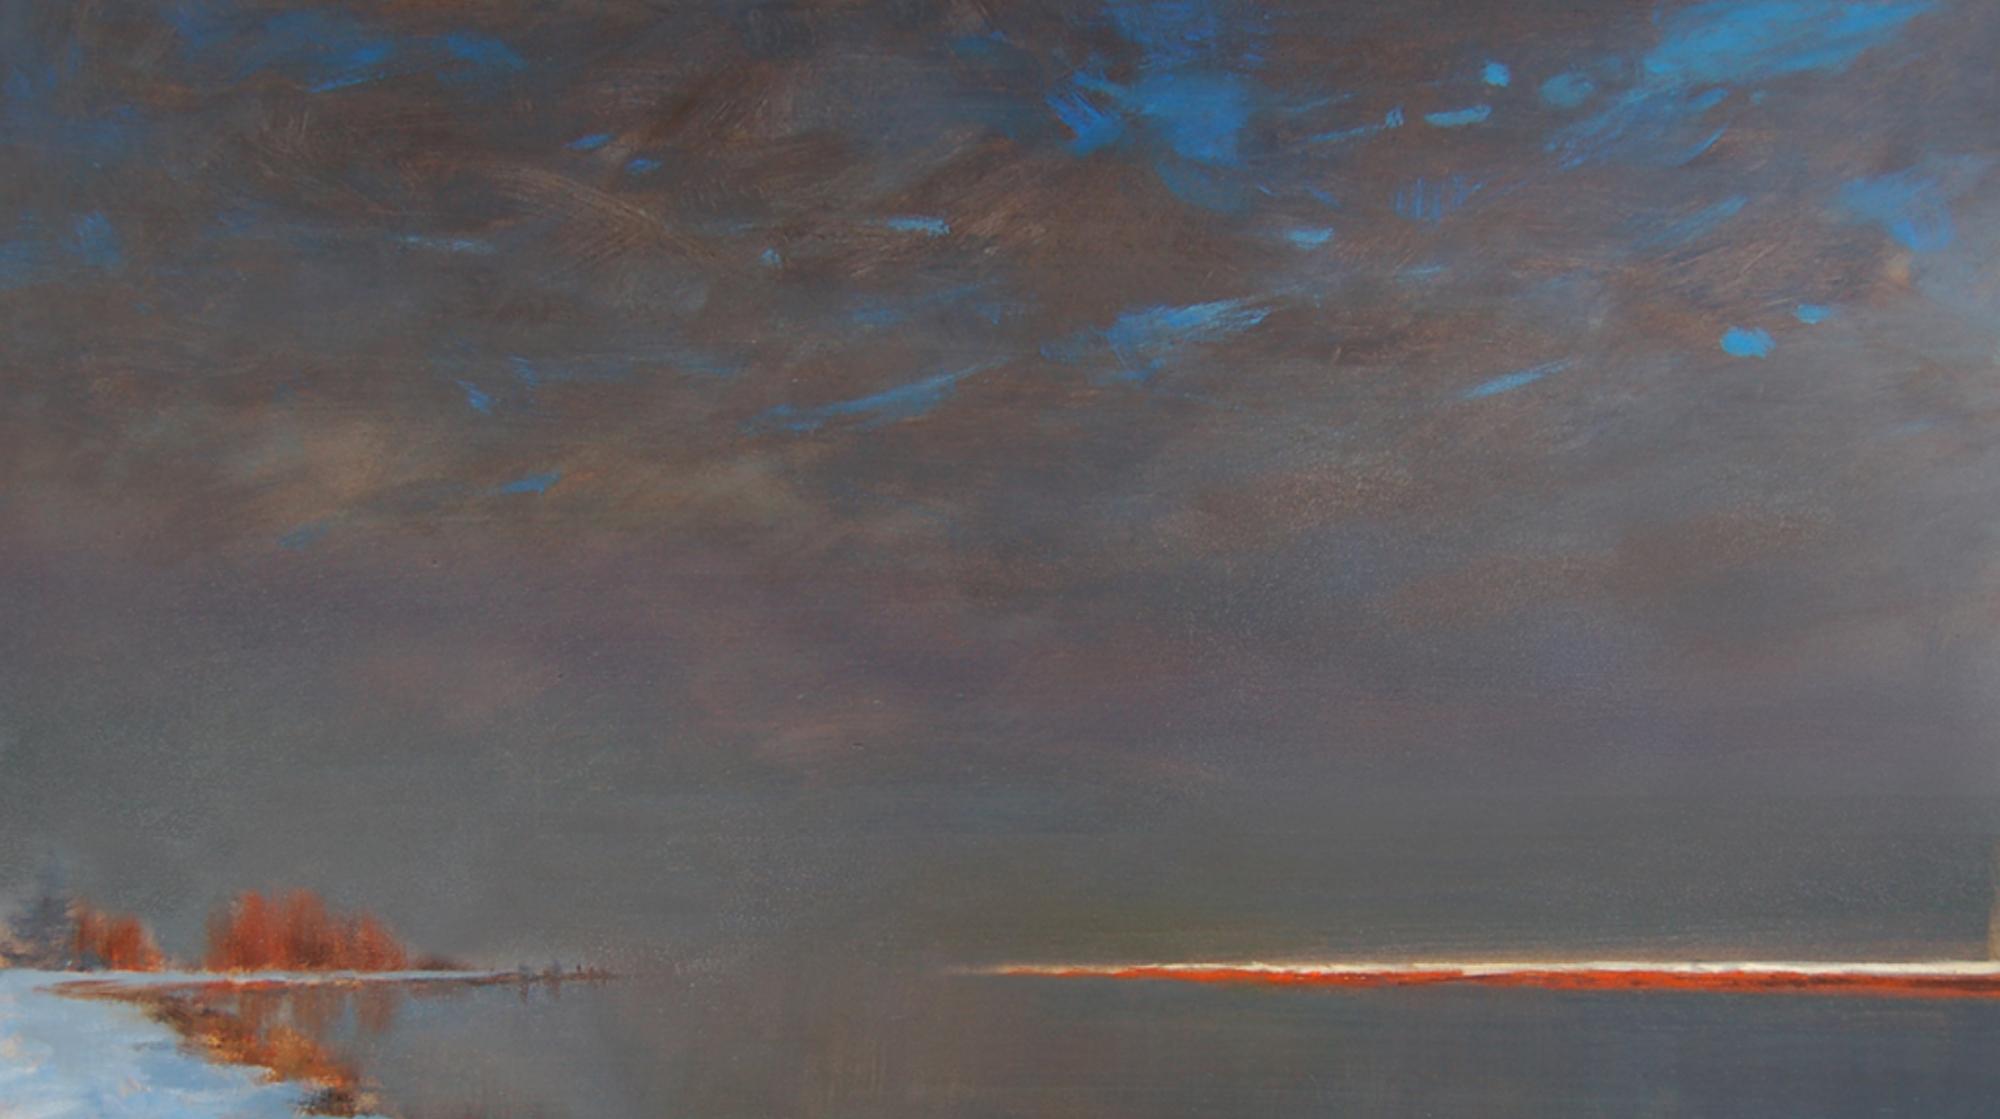 Brent Lynch, nw-4